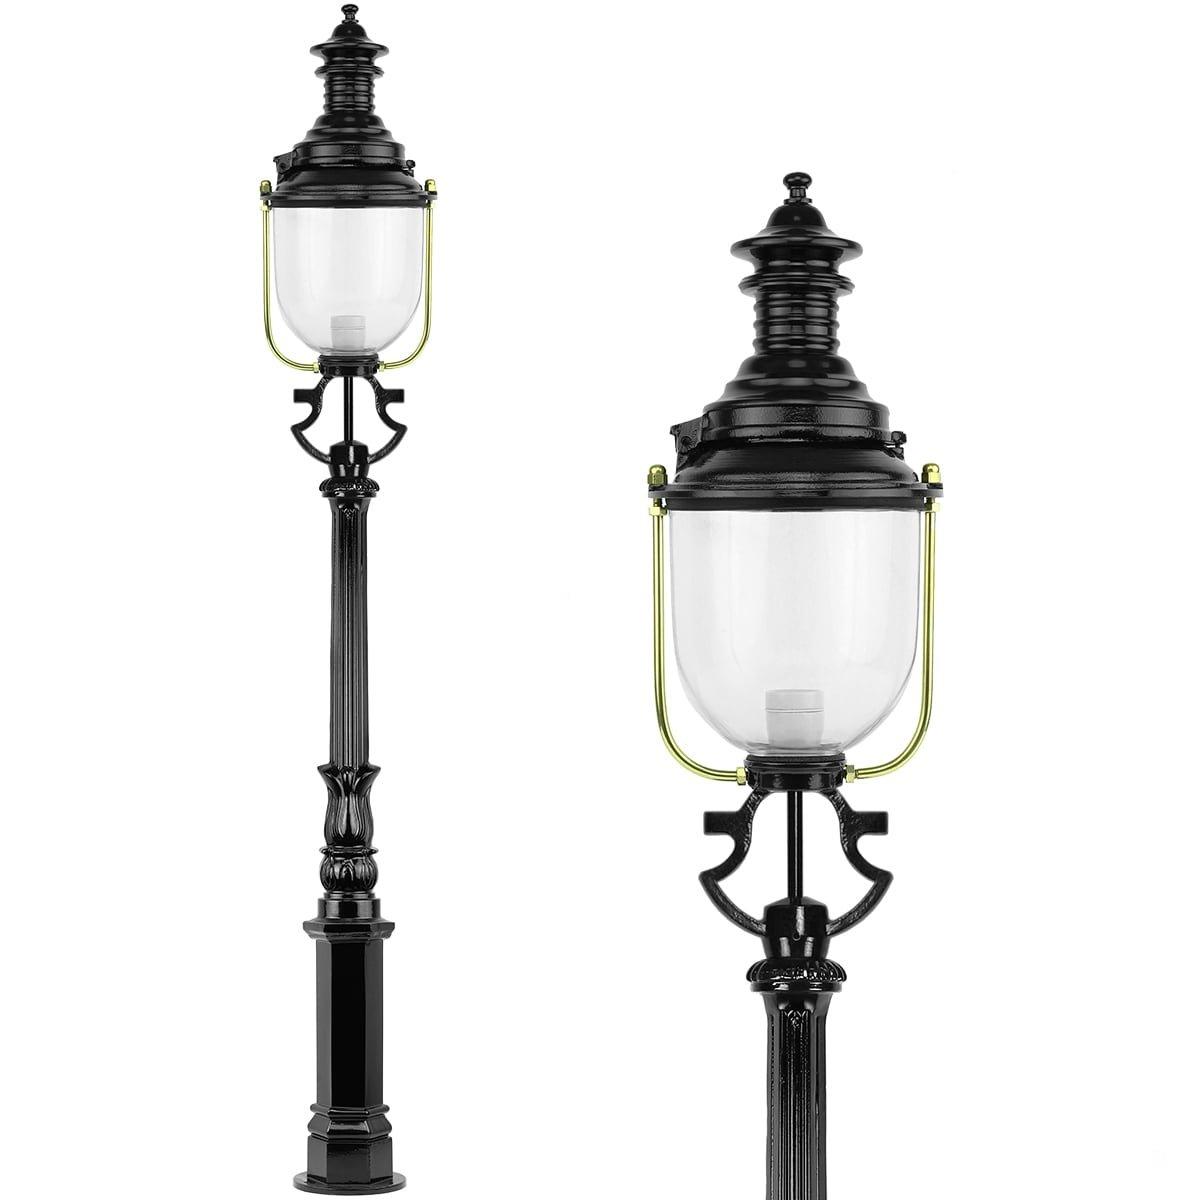 Außenbeleuchtung Klassisch Ländlich Außenlaterne pfahl Biezenmortel - 215 cm